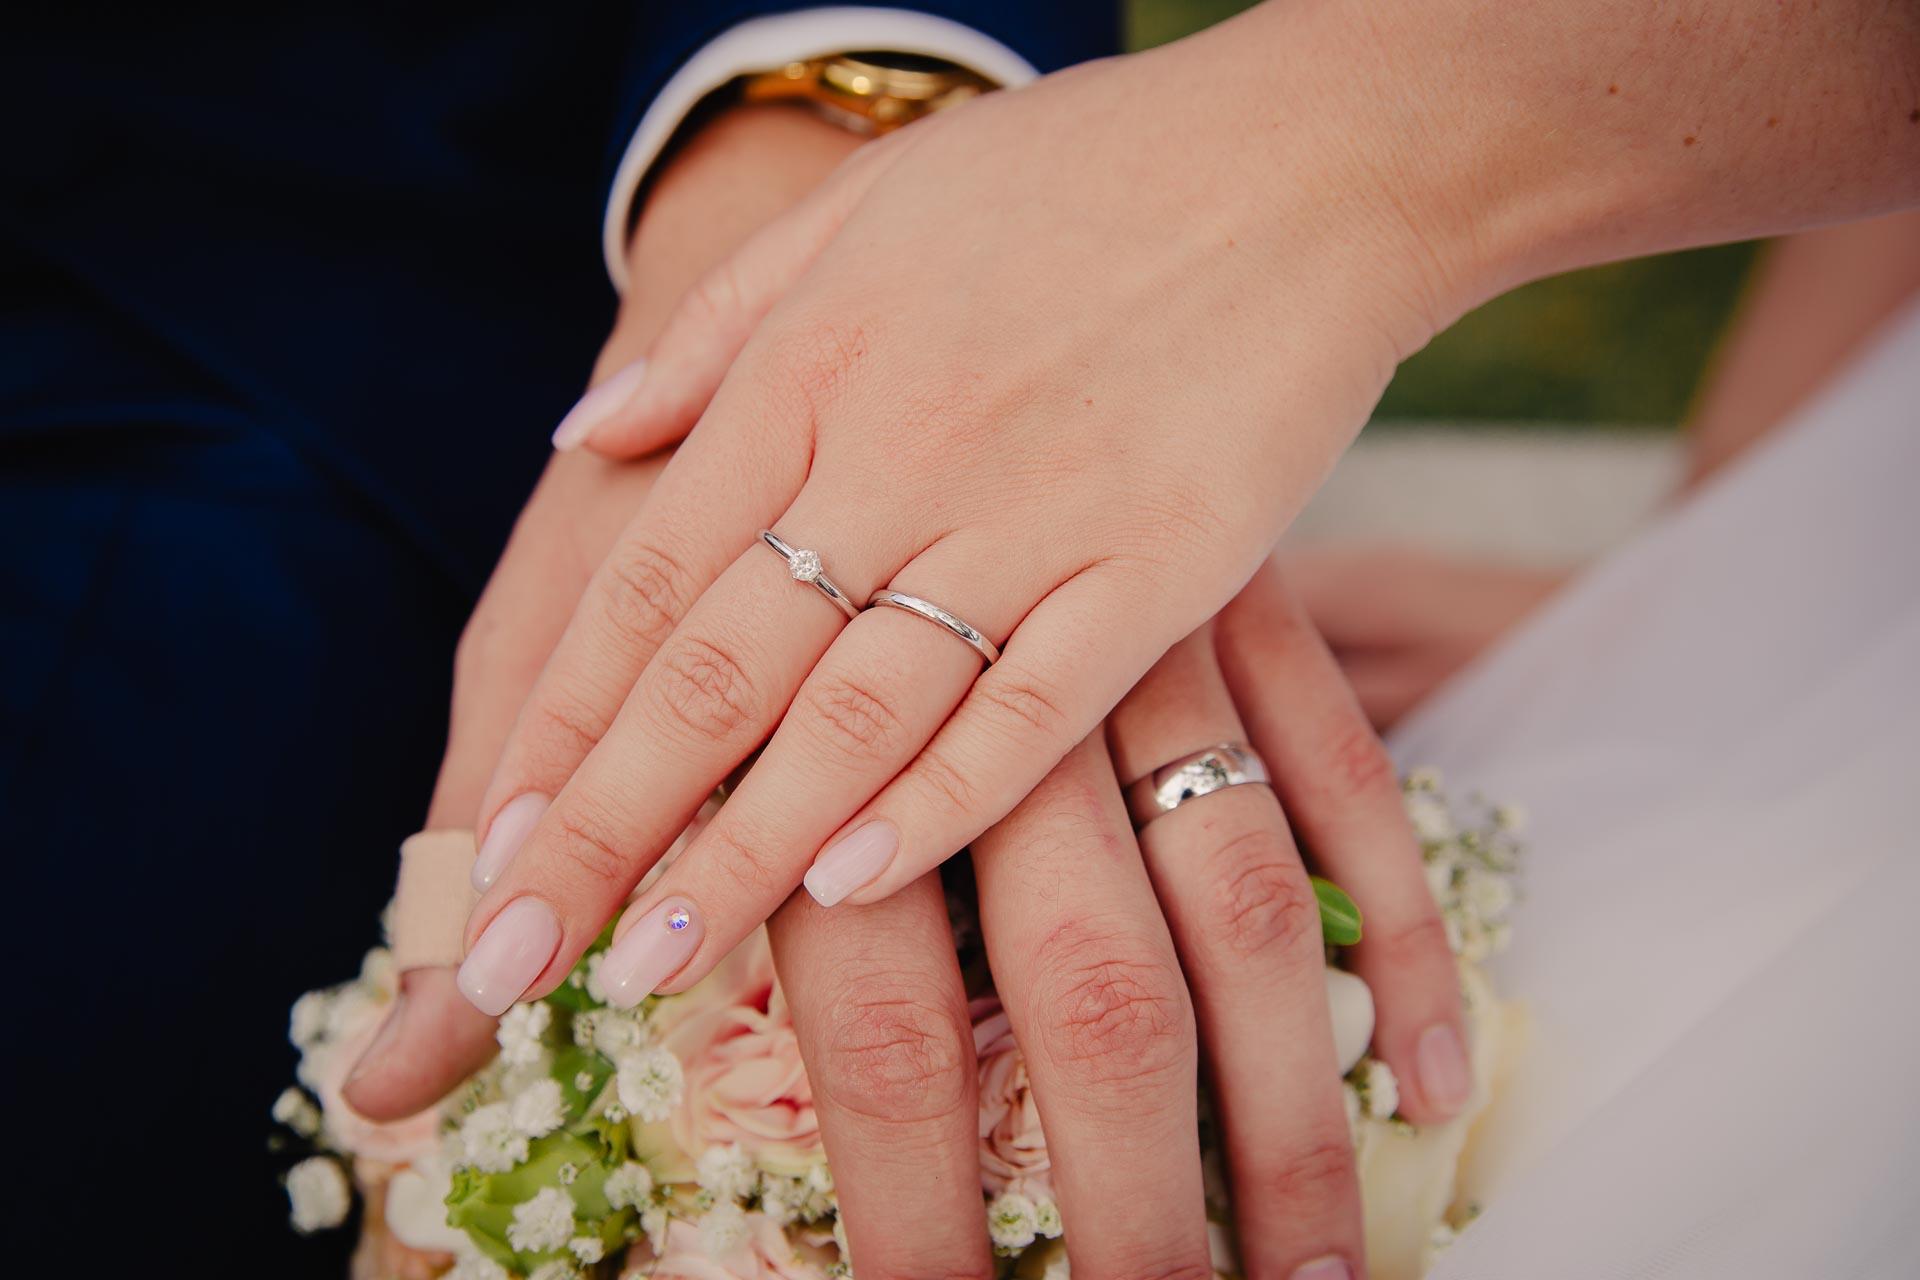 svatební fotograf Praha,svatba střední čechy, církevní obřad, svatba v kostele, nejhezčí svatební fotografie-3239